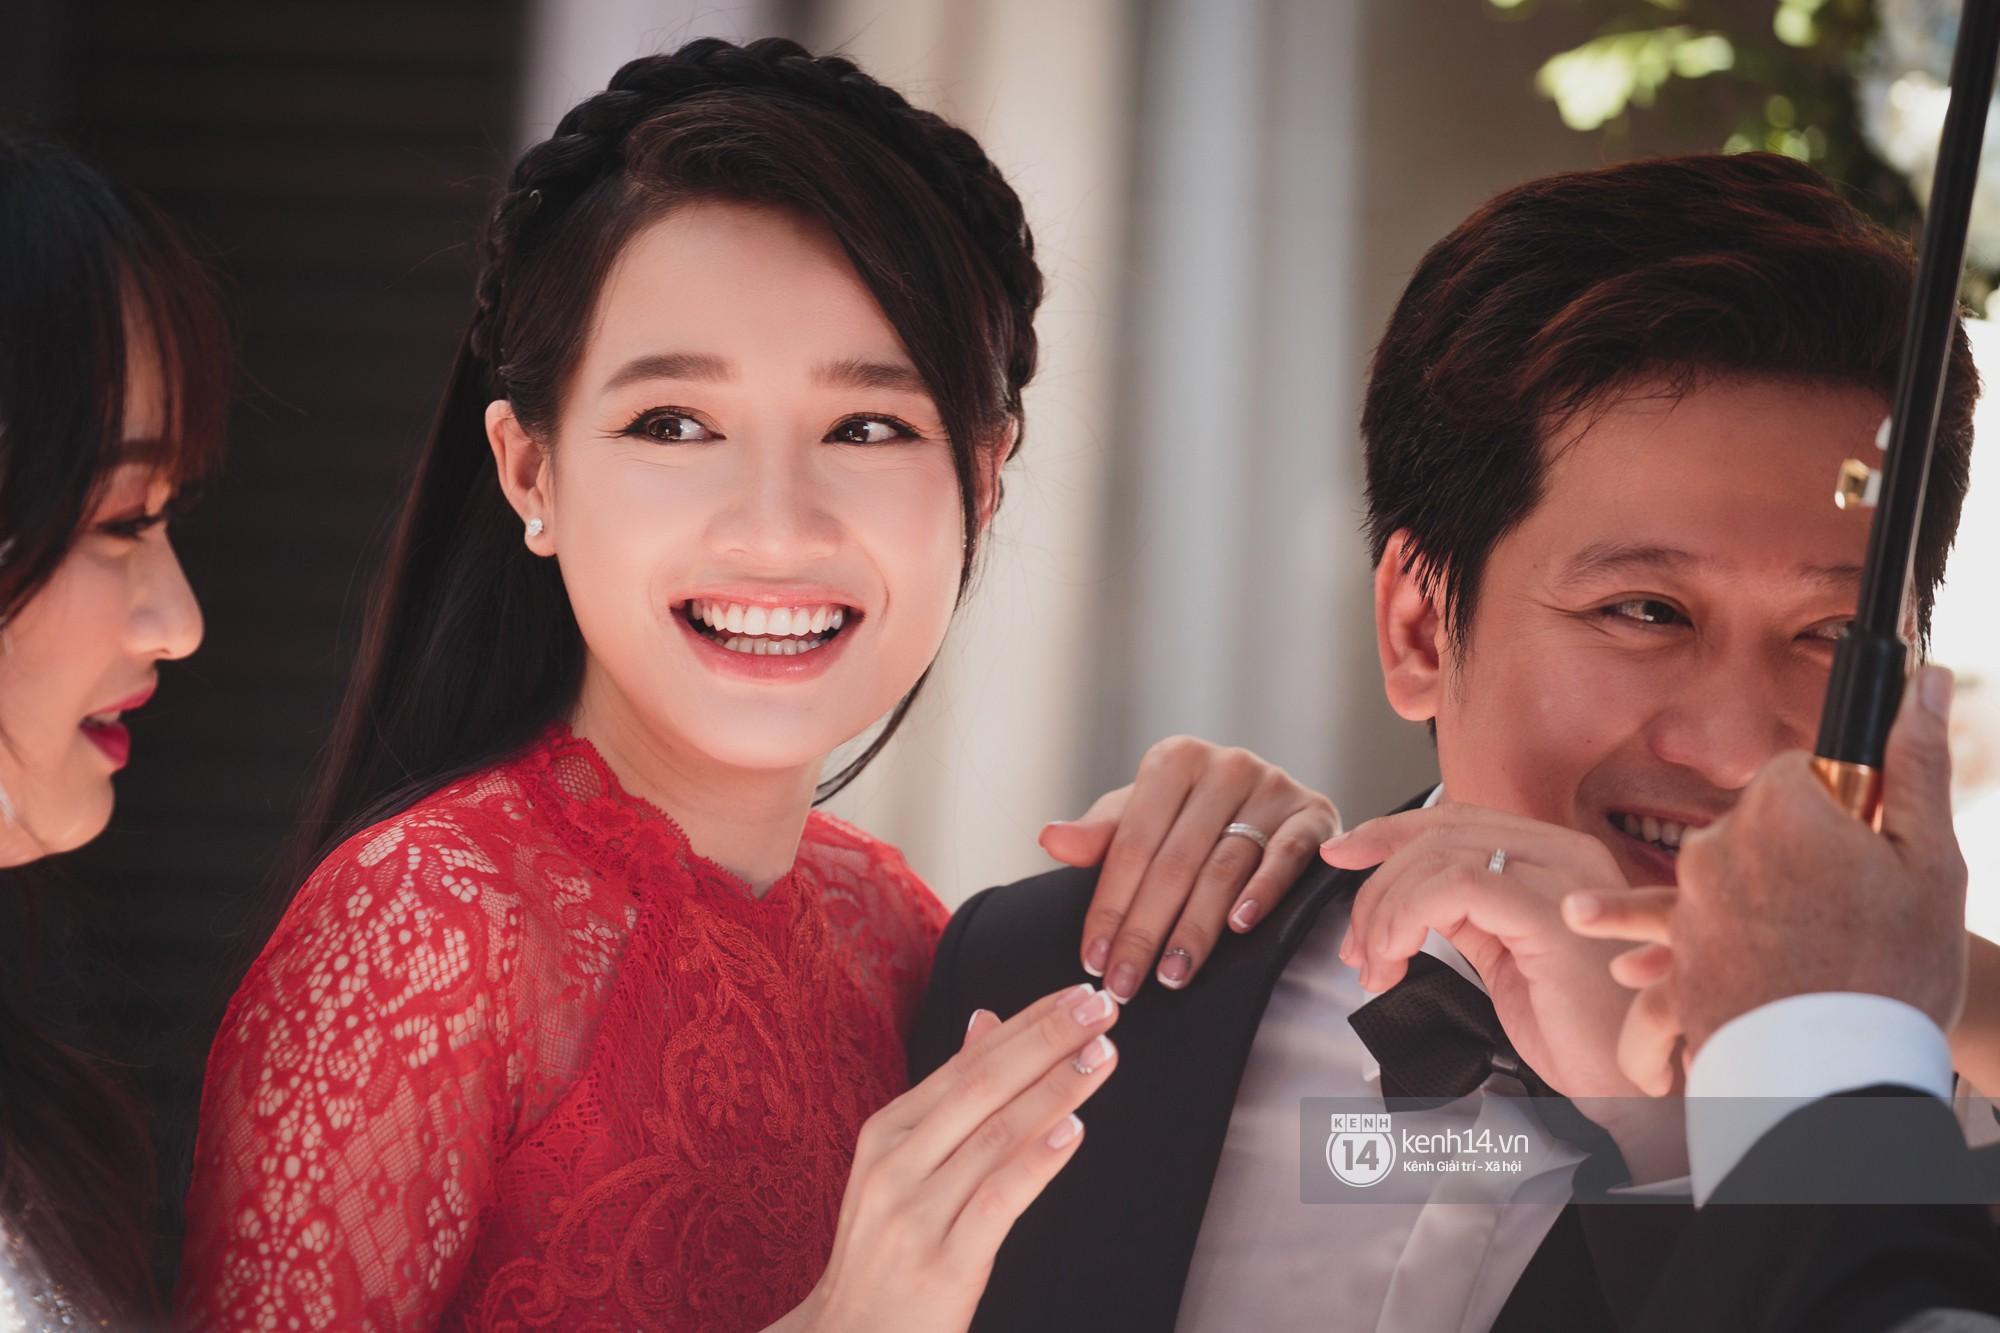 Đám cưới Trường Giang - Nhã Phương: Hàng ngàn hình ảnh ngọt ngào cũng không bằng loạt khoảnh khắc hạnh phúc đắt giá này - Ảnh 6.